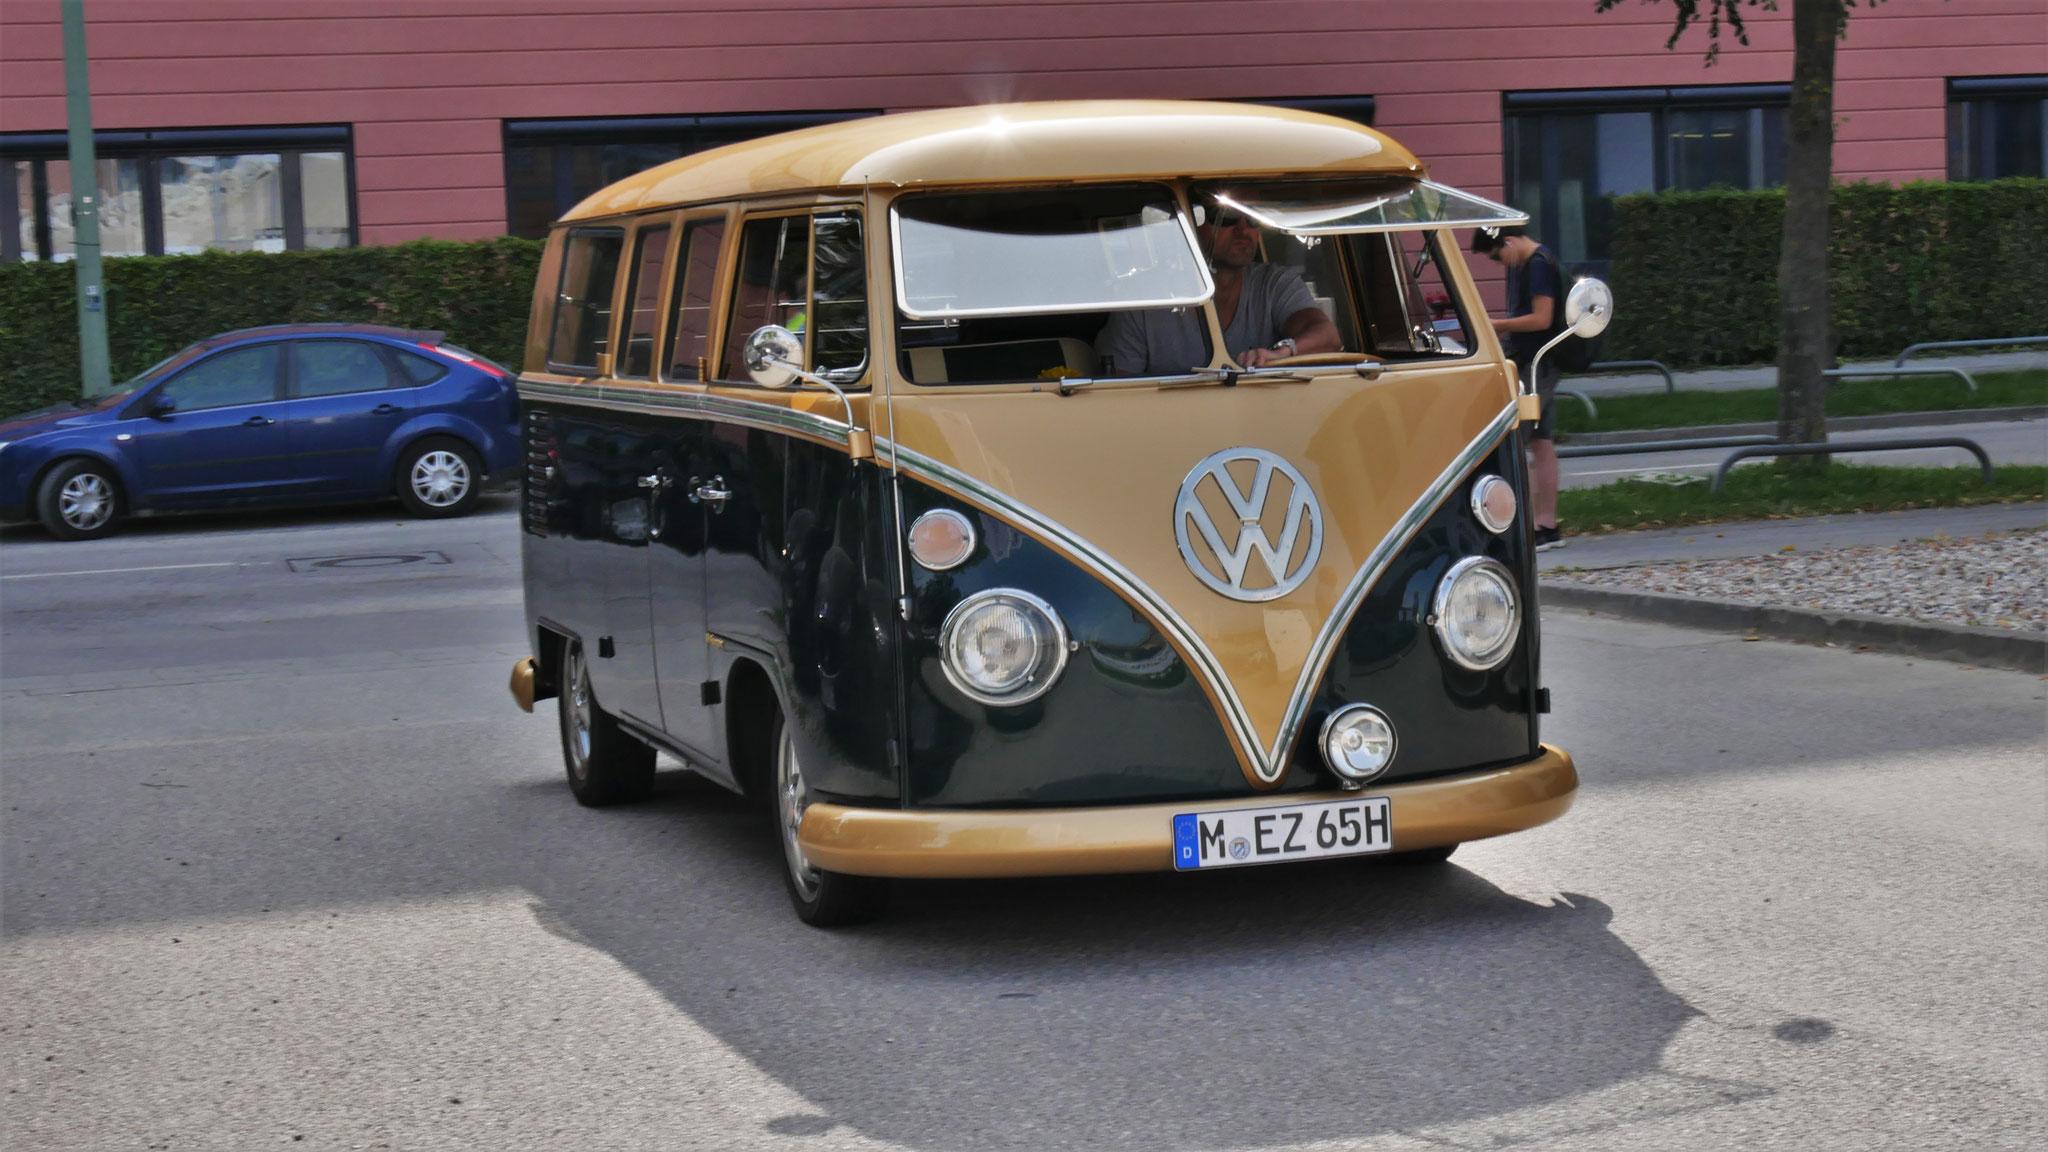 VW T1 - M-EZ-65H